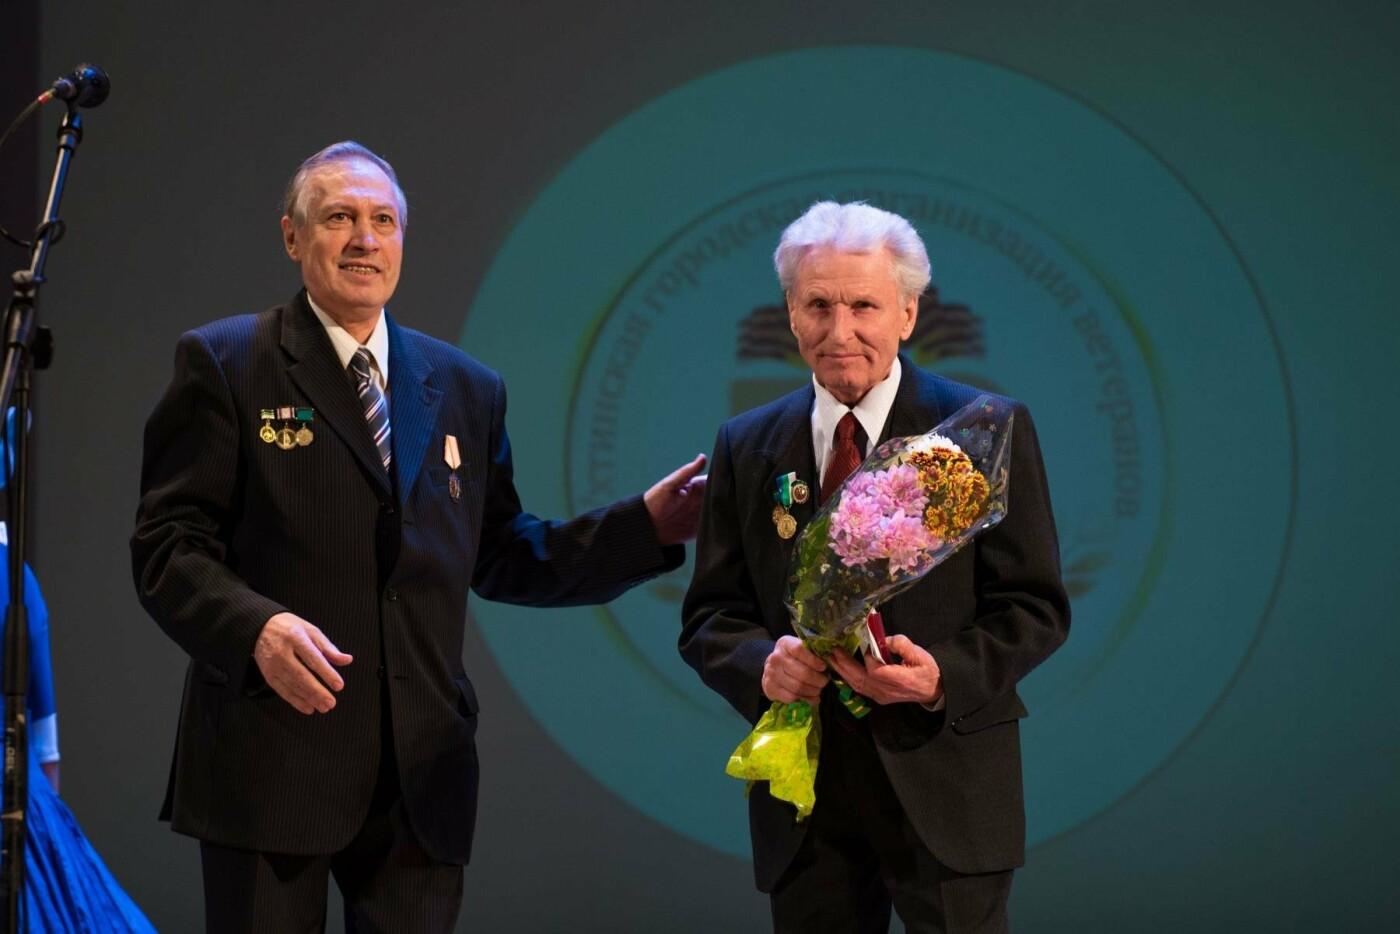 Председатель Совета ветеранов со сцены поздравляет ветеранов - Фотография предоставлена пресс-службой администрации МОГО «Ухта»